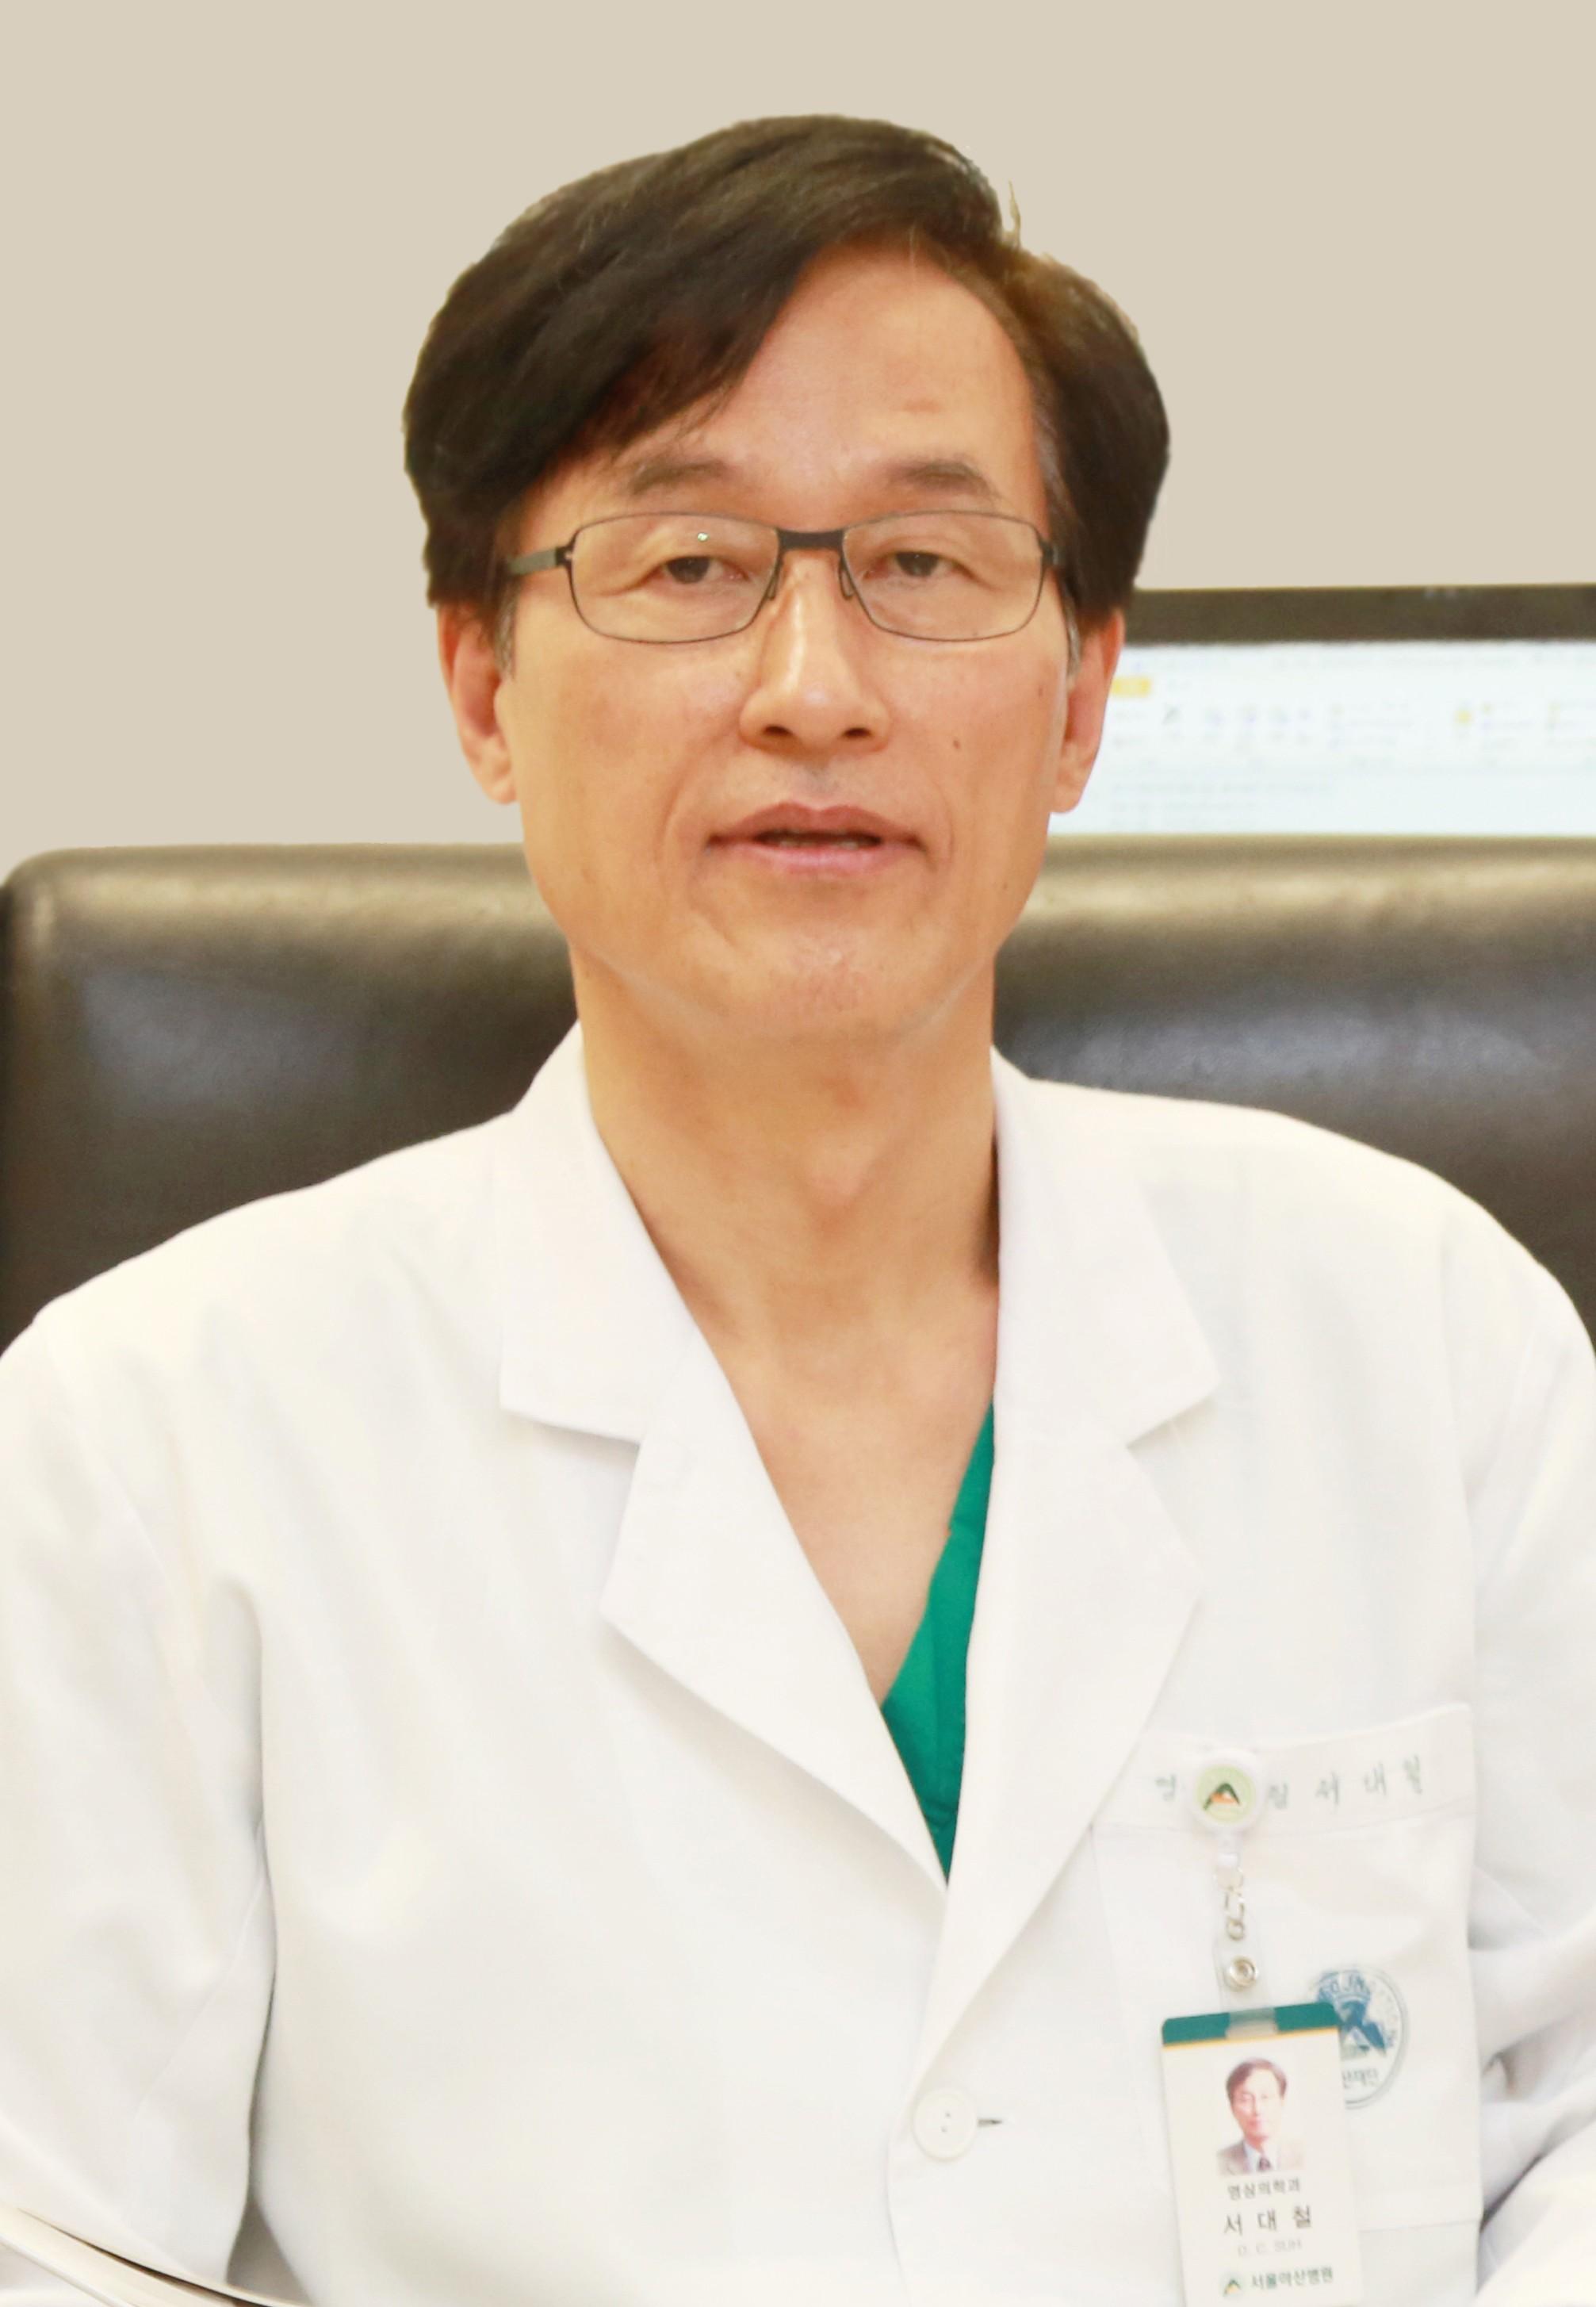 서울아산병원 신경중재클리닉 서대철 교수